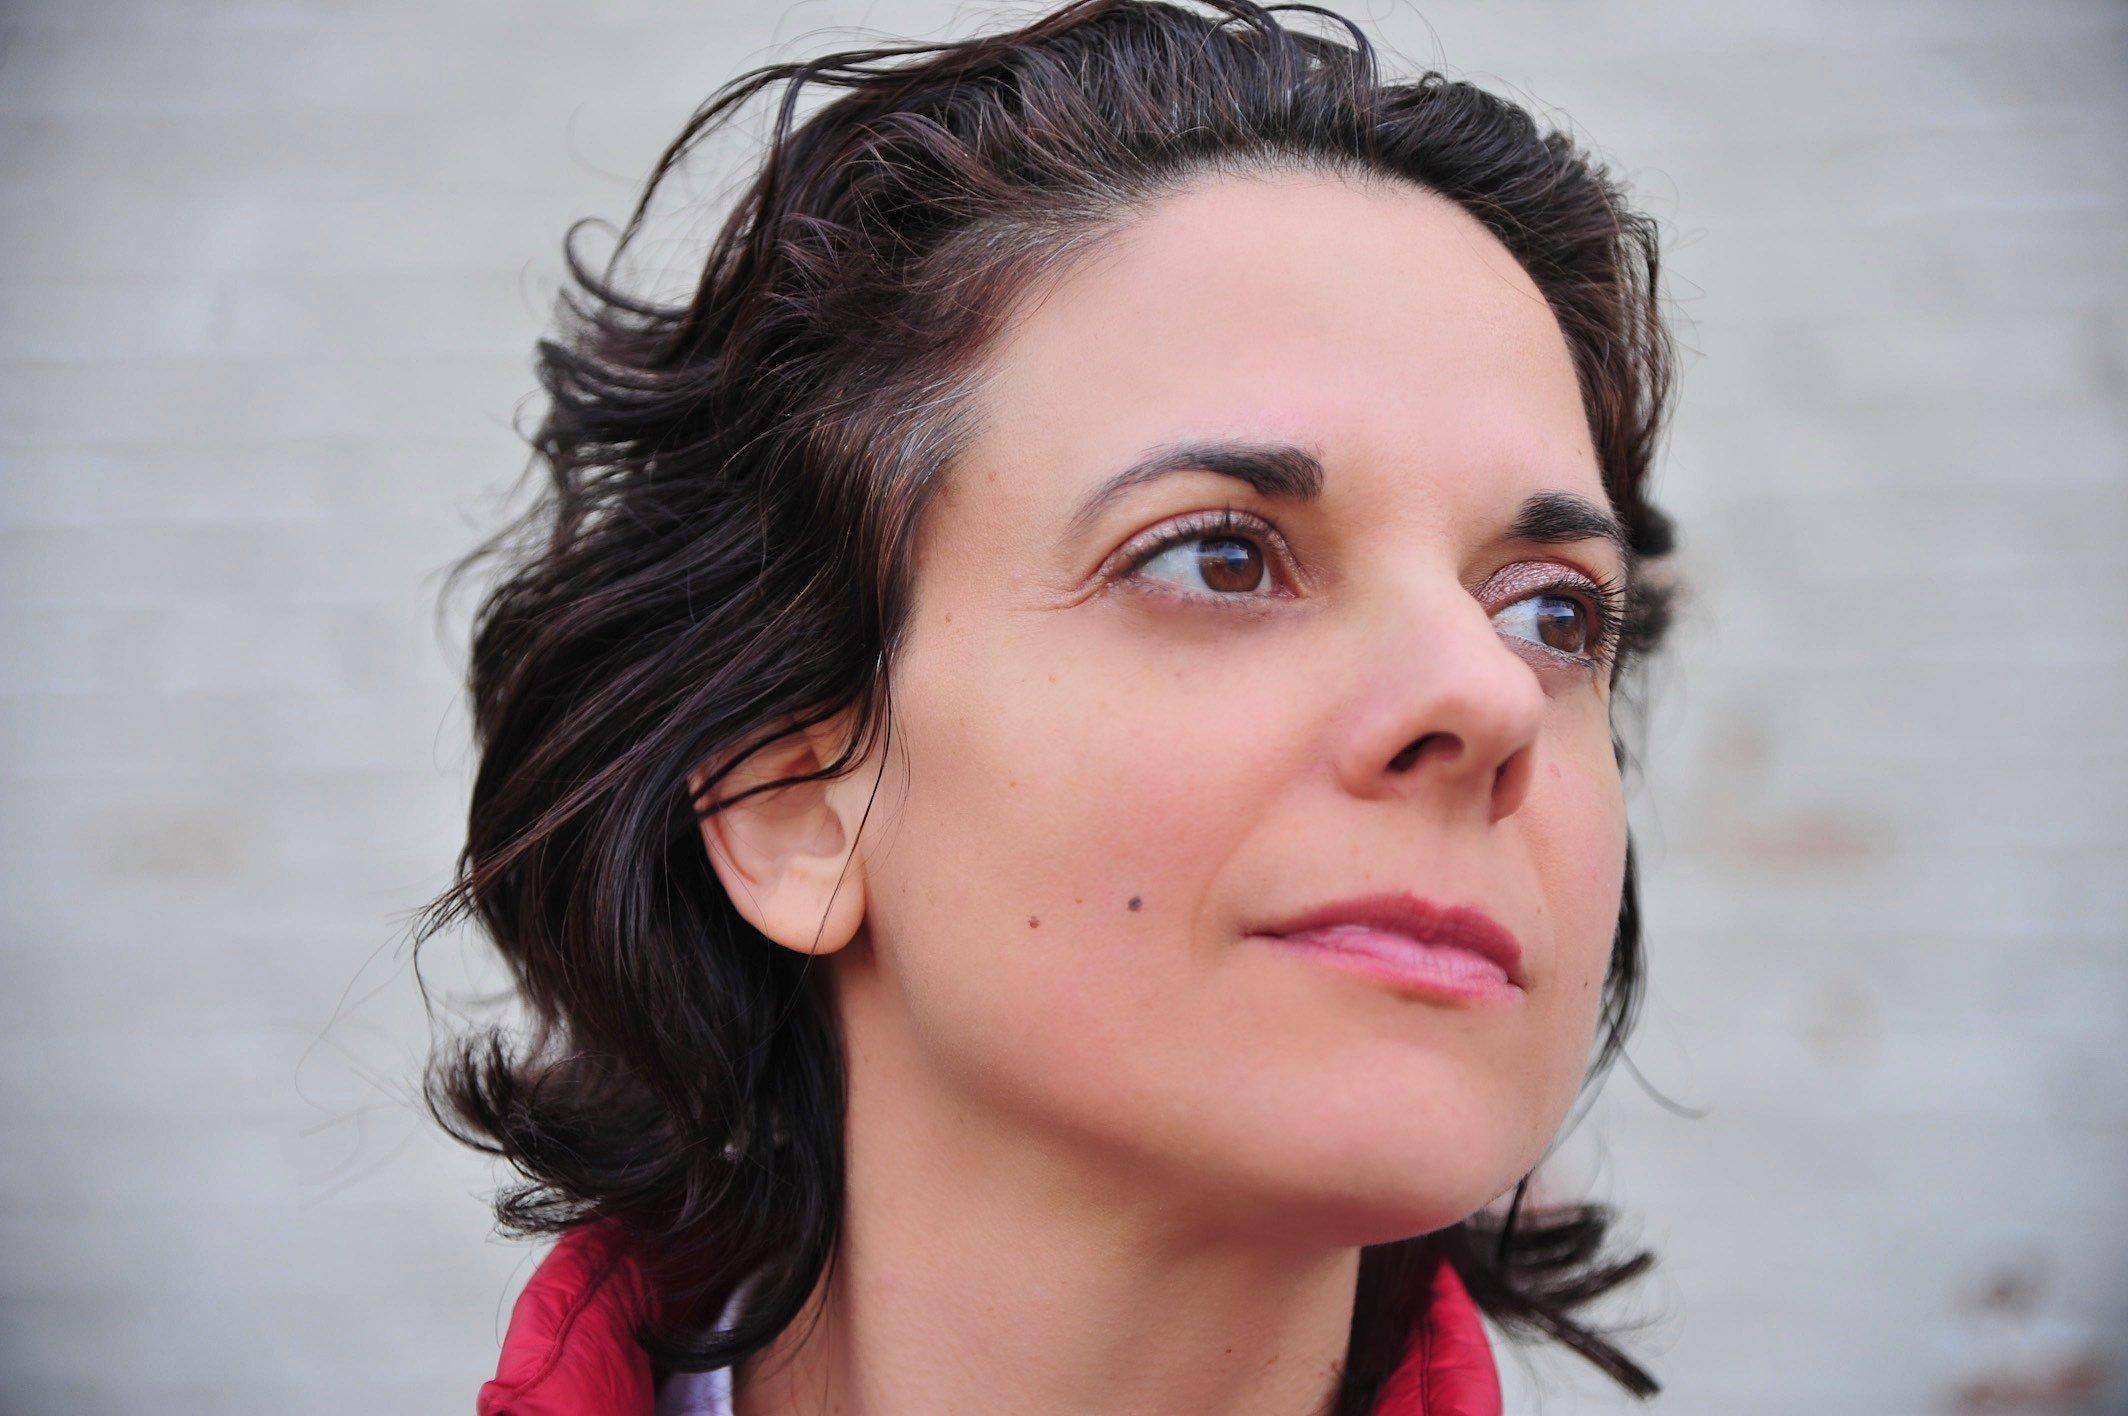 Filmmaker MARIE VALLEE